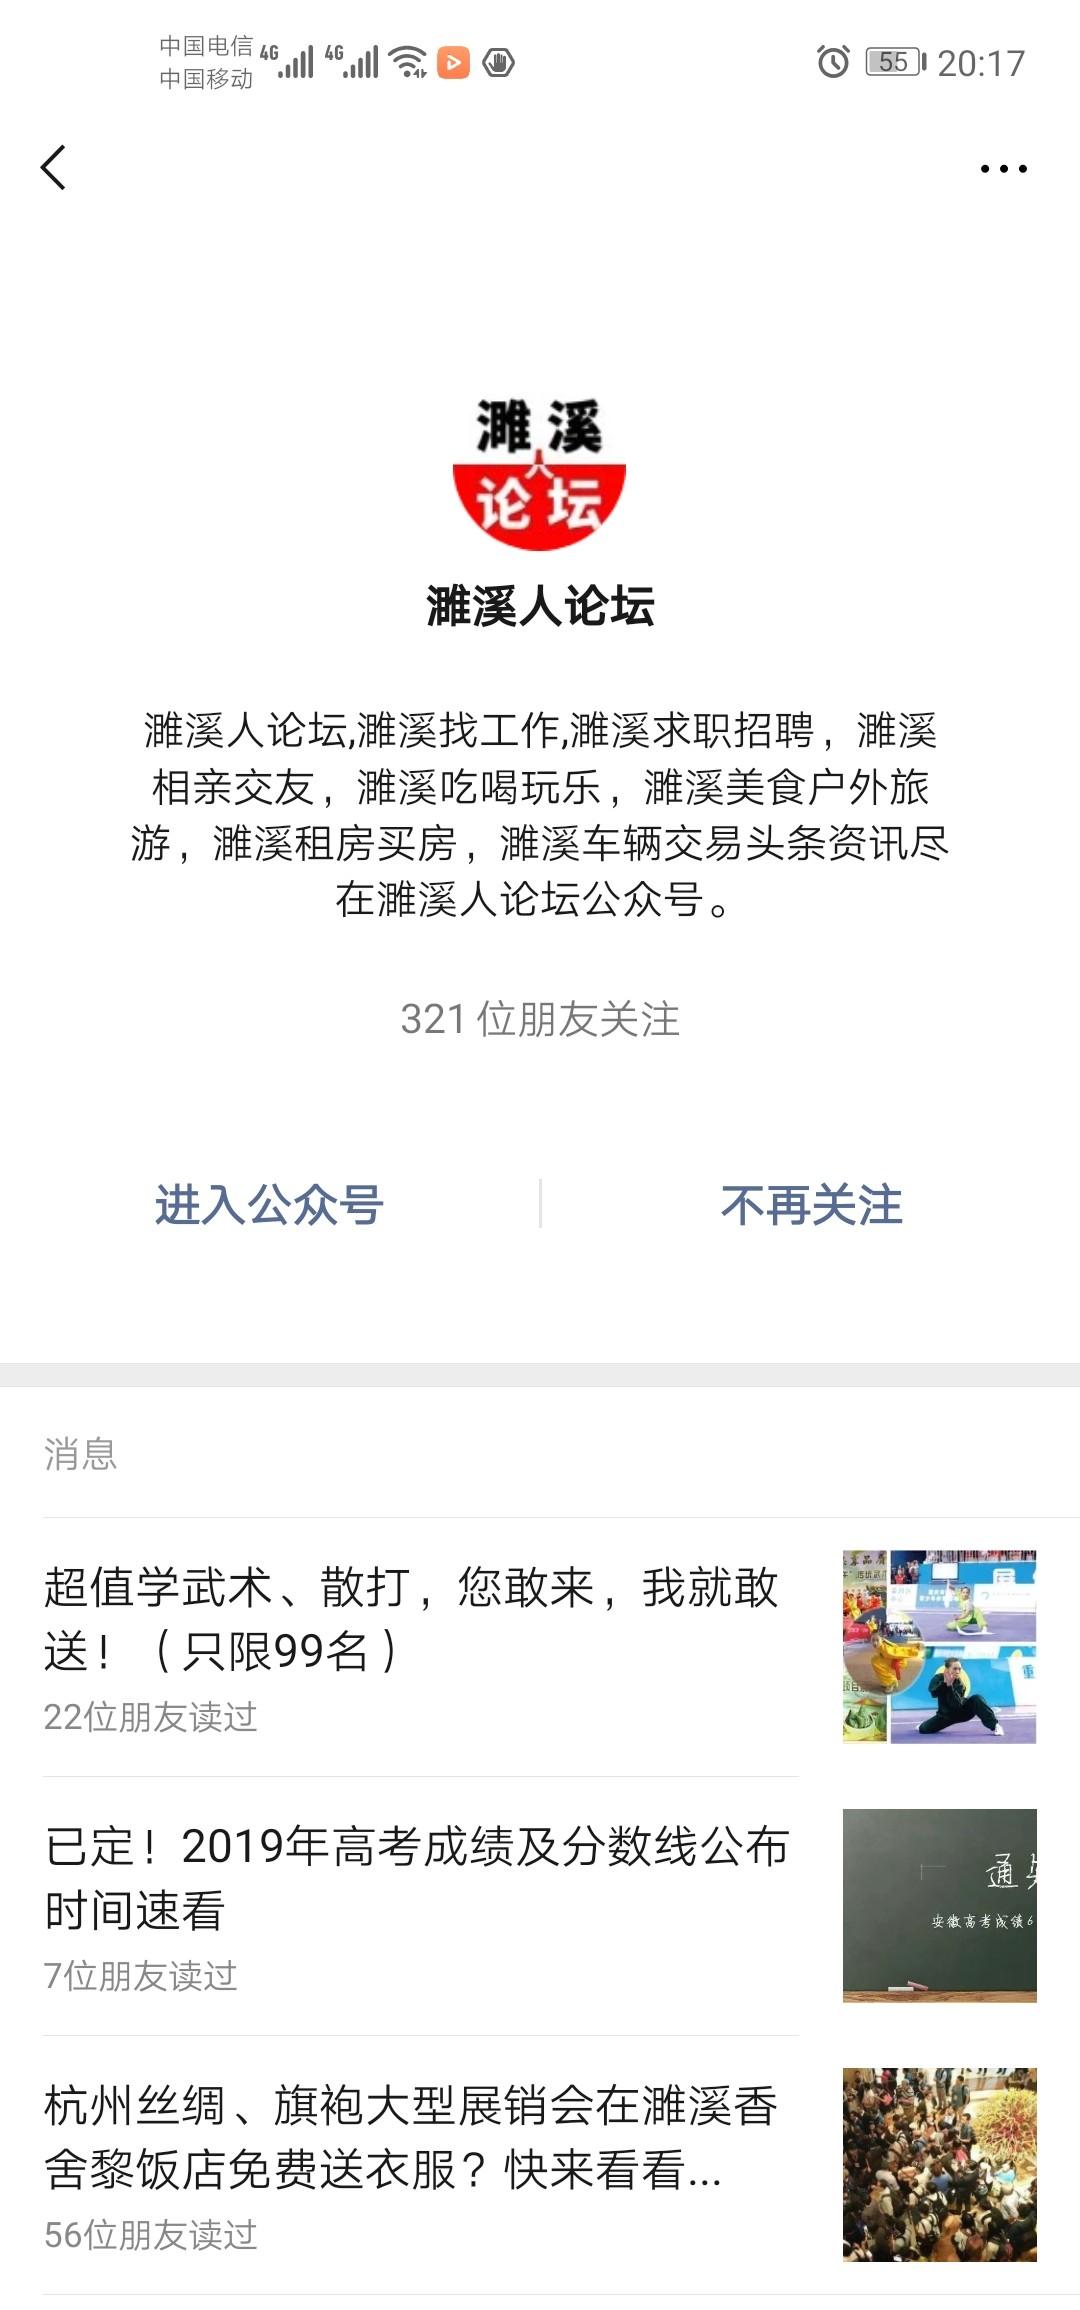 濉溪人论坛微信公众号开发